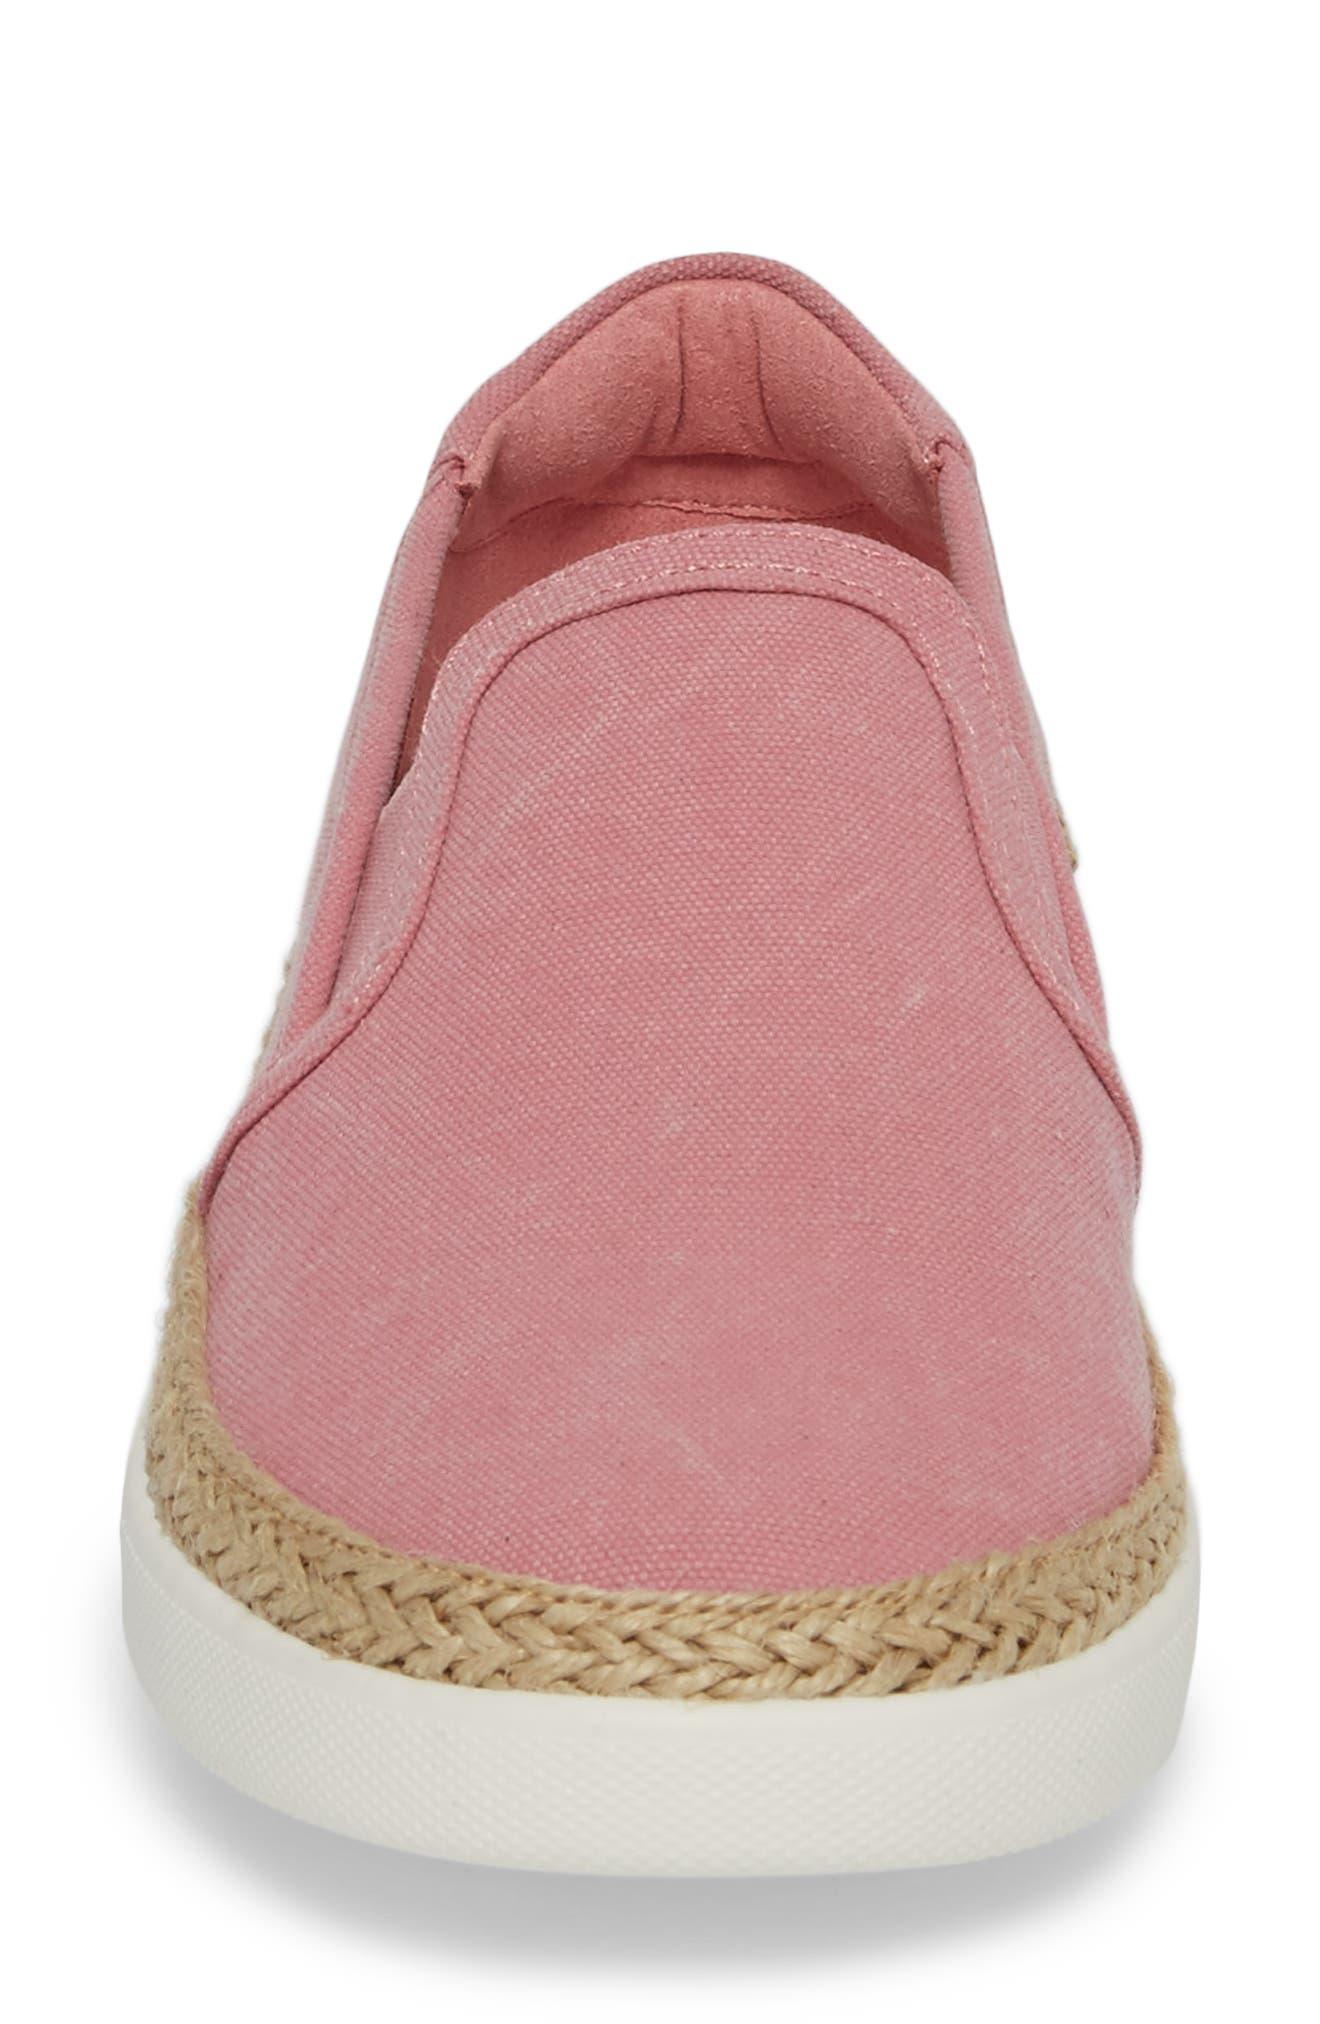 Rae Slip-On Sneaker,                             Alternate thumbnail 4, color,                             Light Pink Canvas